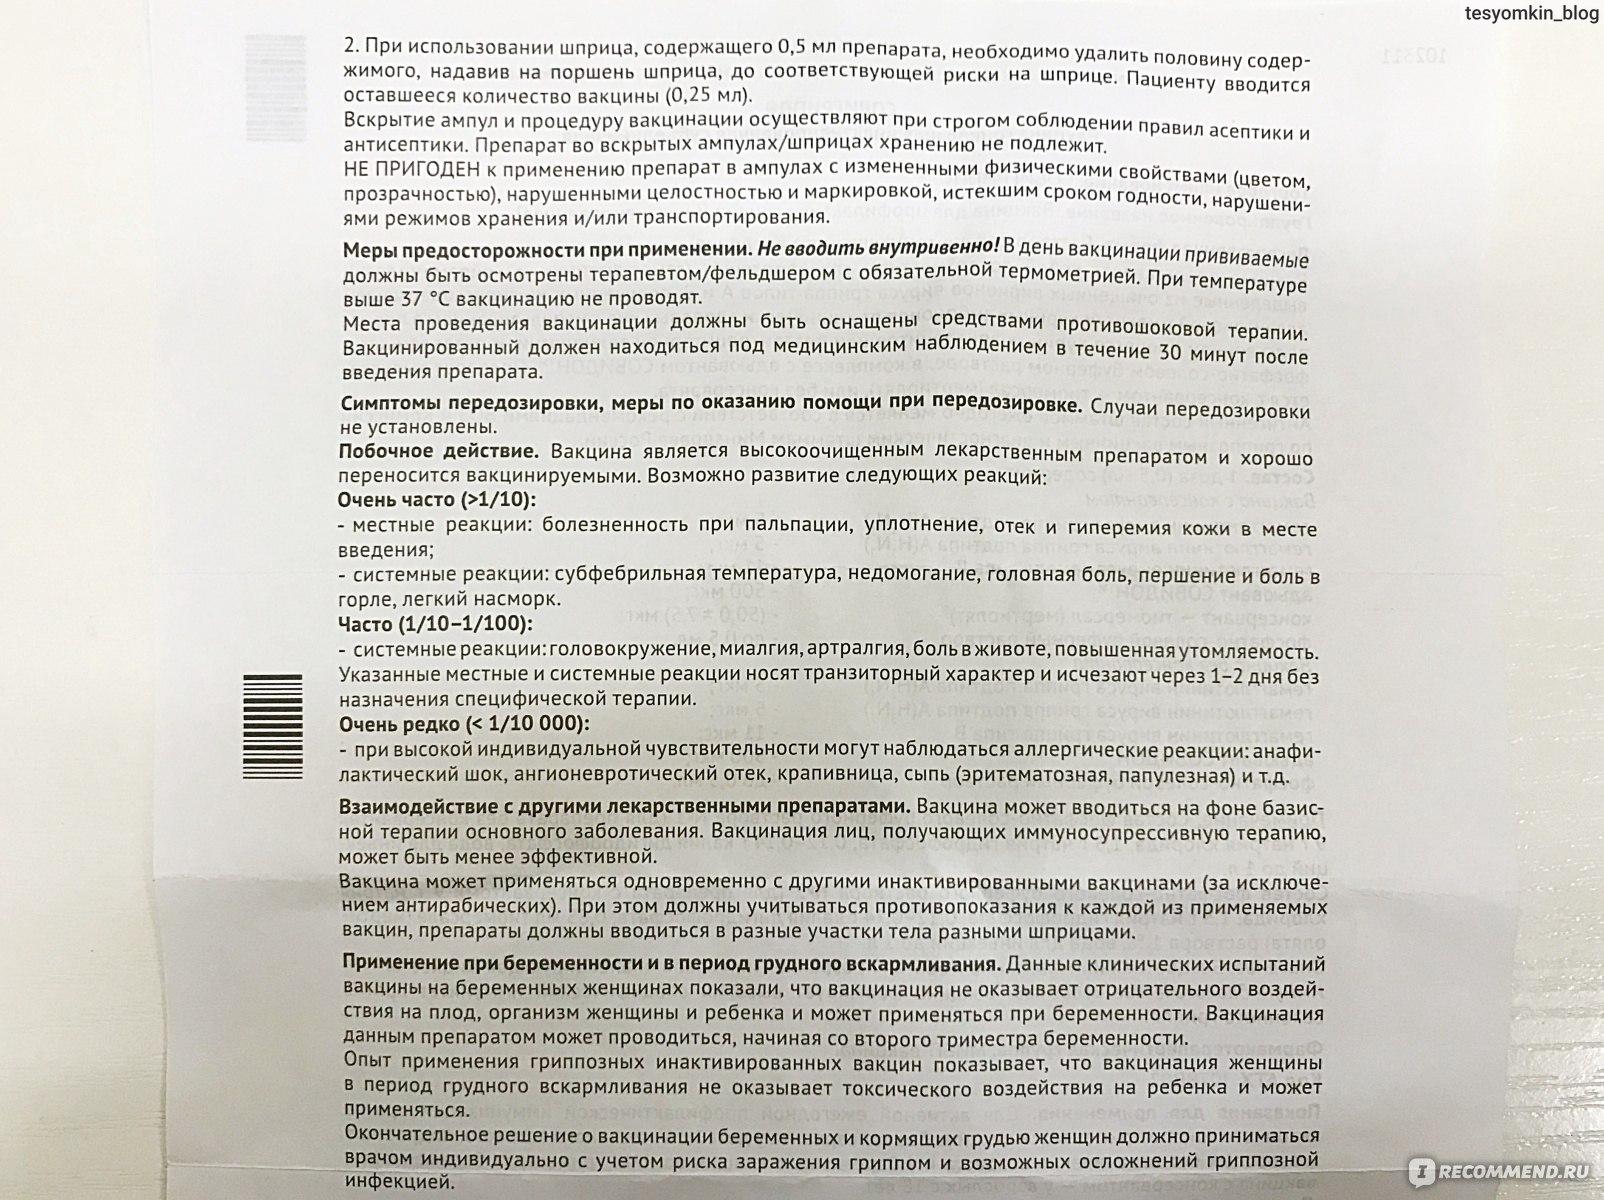 Инструкция по применению вакцины против свиного гриппа